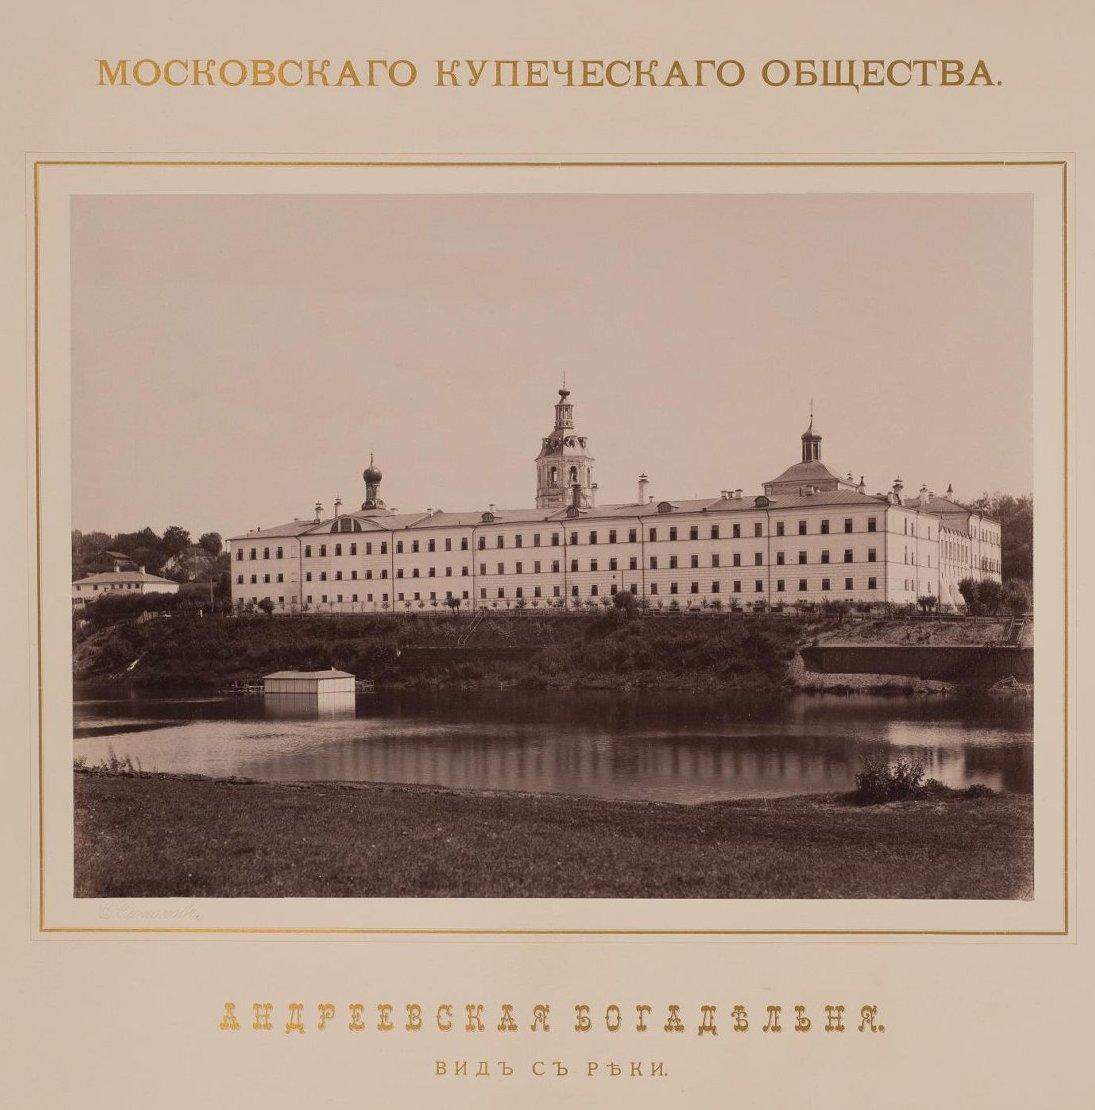 03. Андреевская богодельня. Вид с реки